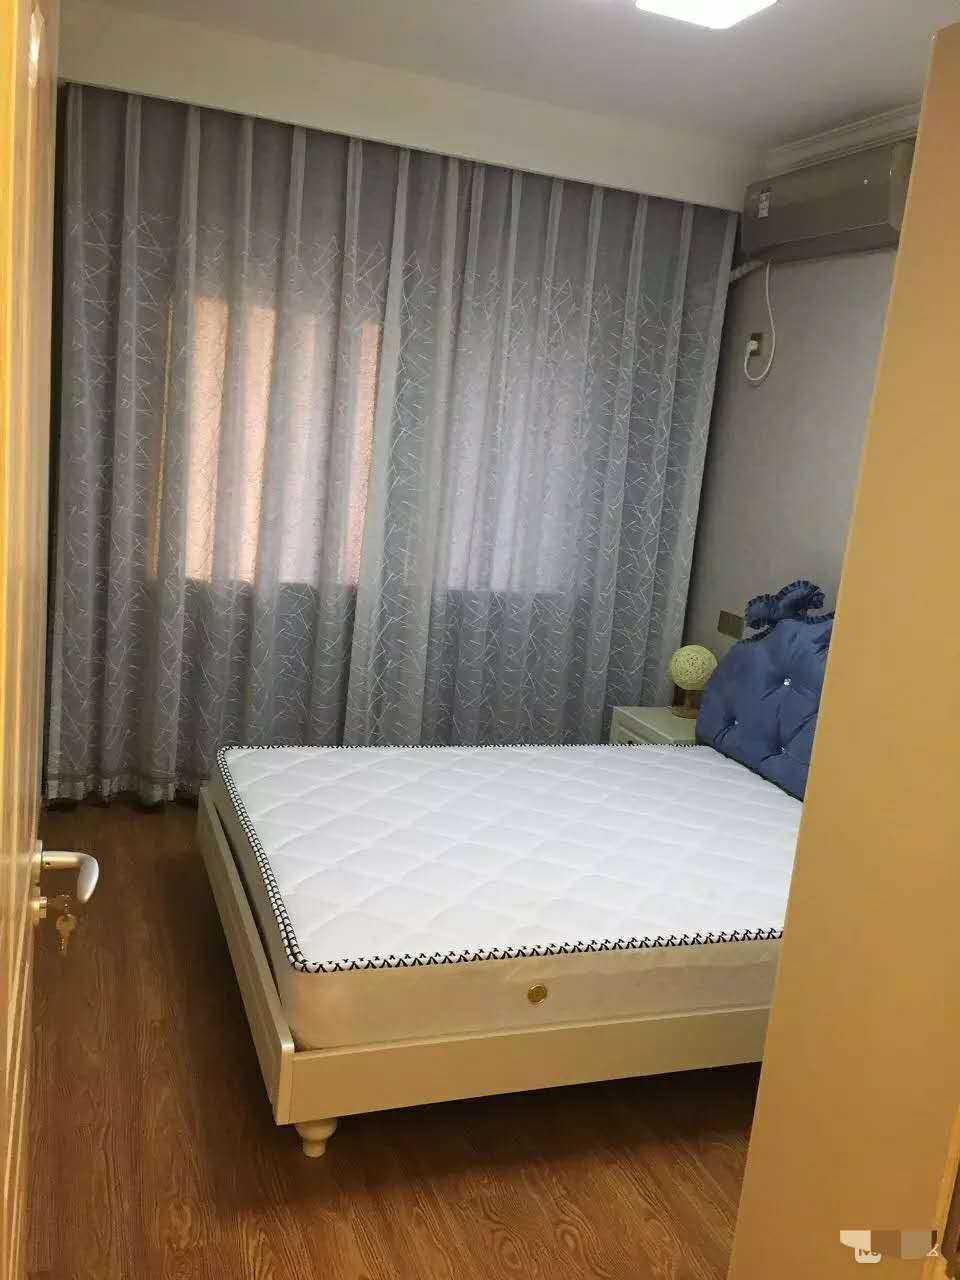 01235  出租   赞成雍景园 两室一厅一厨一卫  精装修的实拍照片